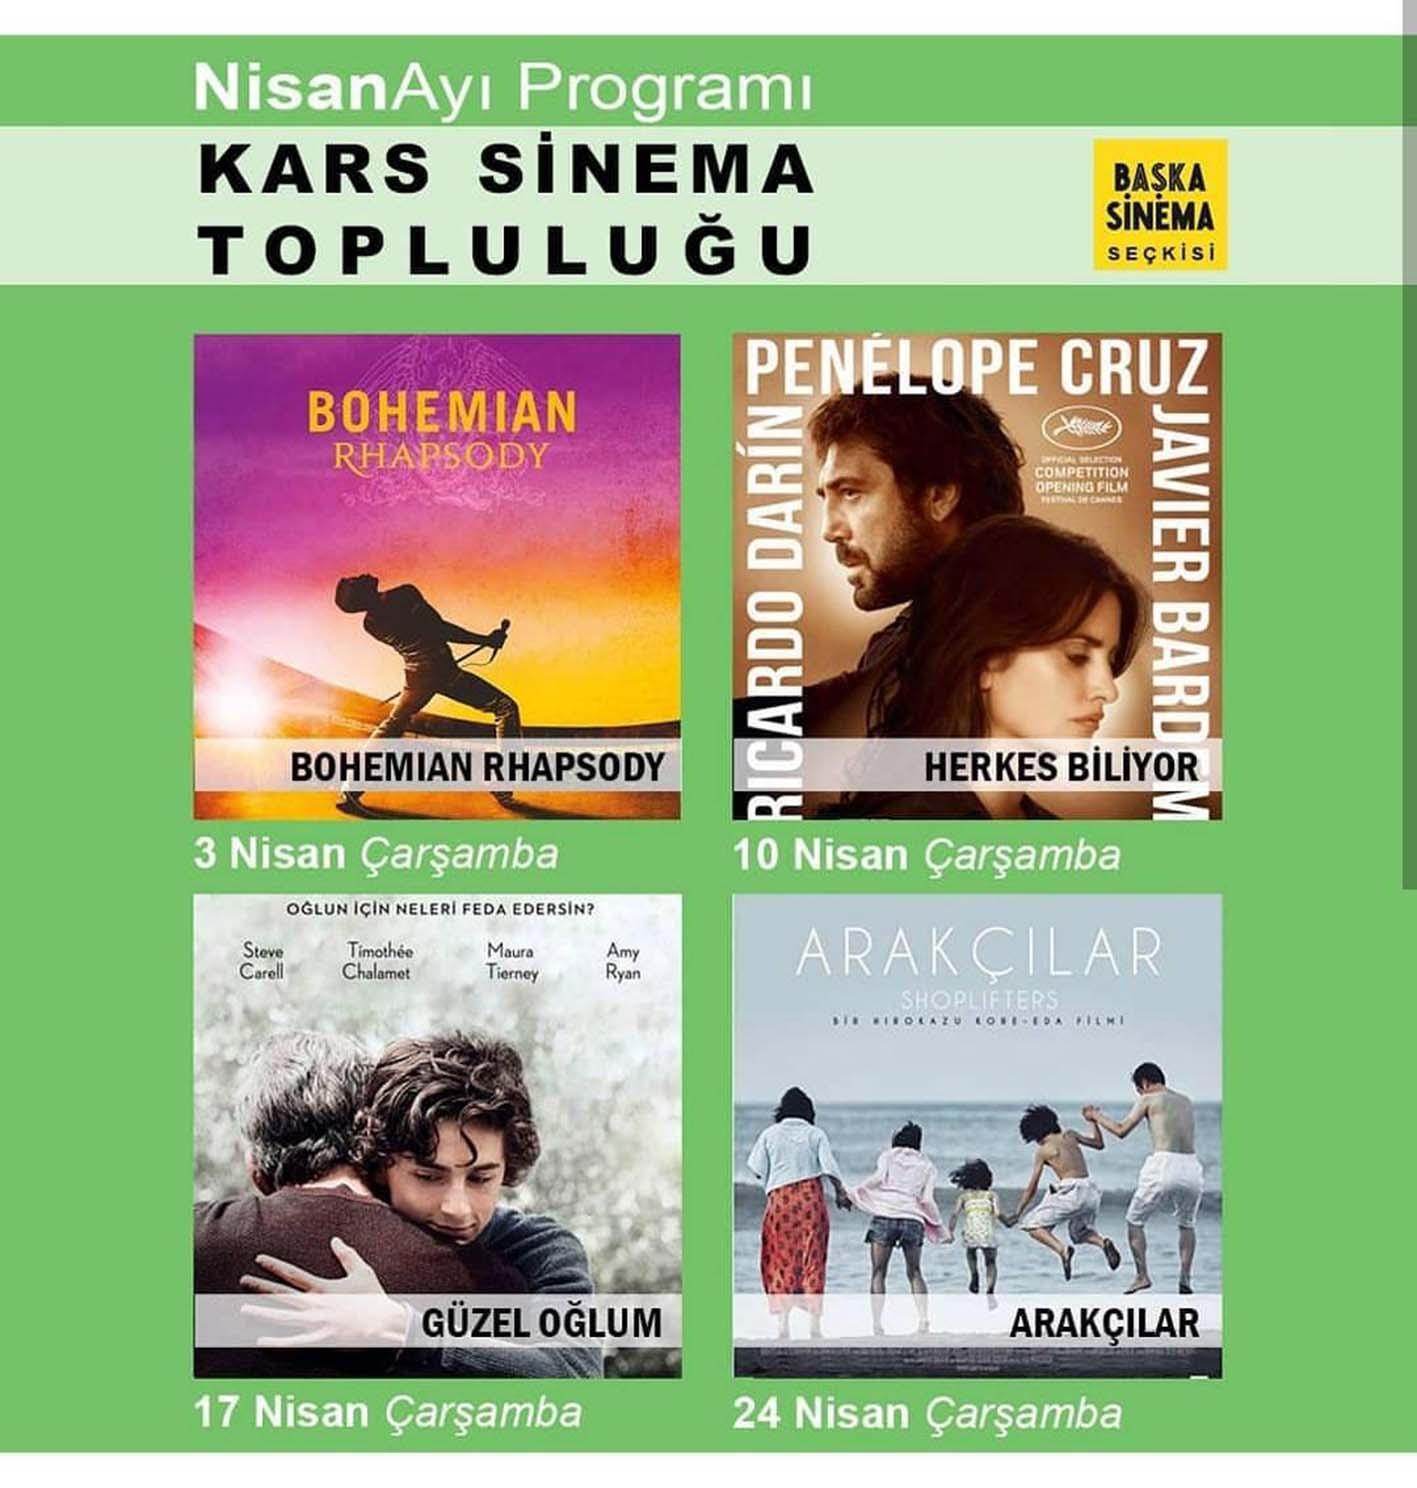 Kars Sinema Topluluğu Nisan ayı programını açıkladı